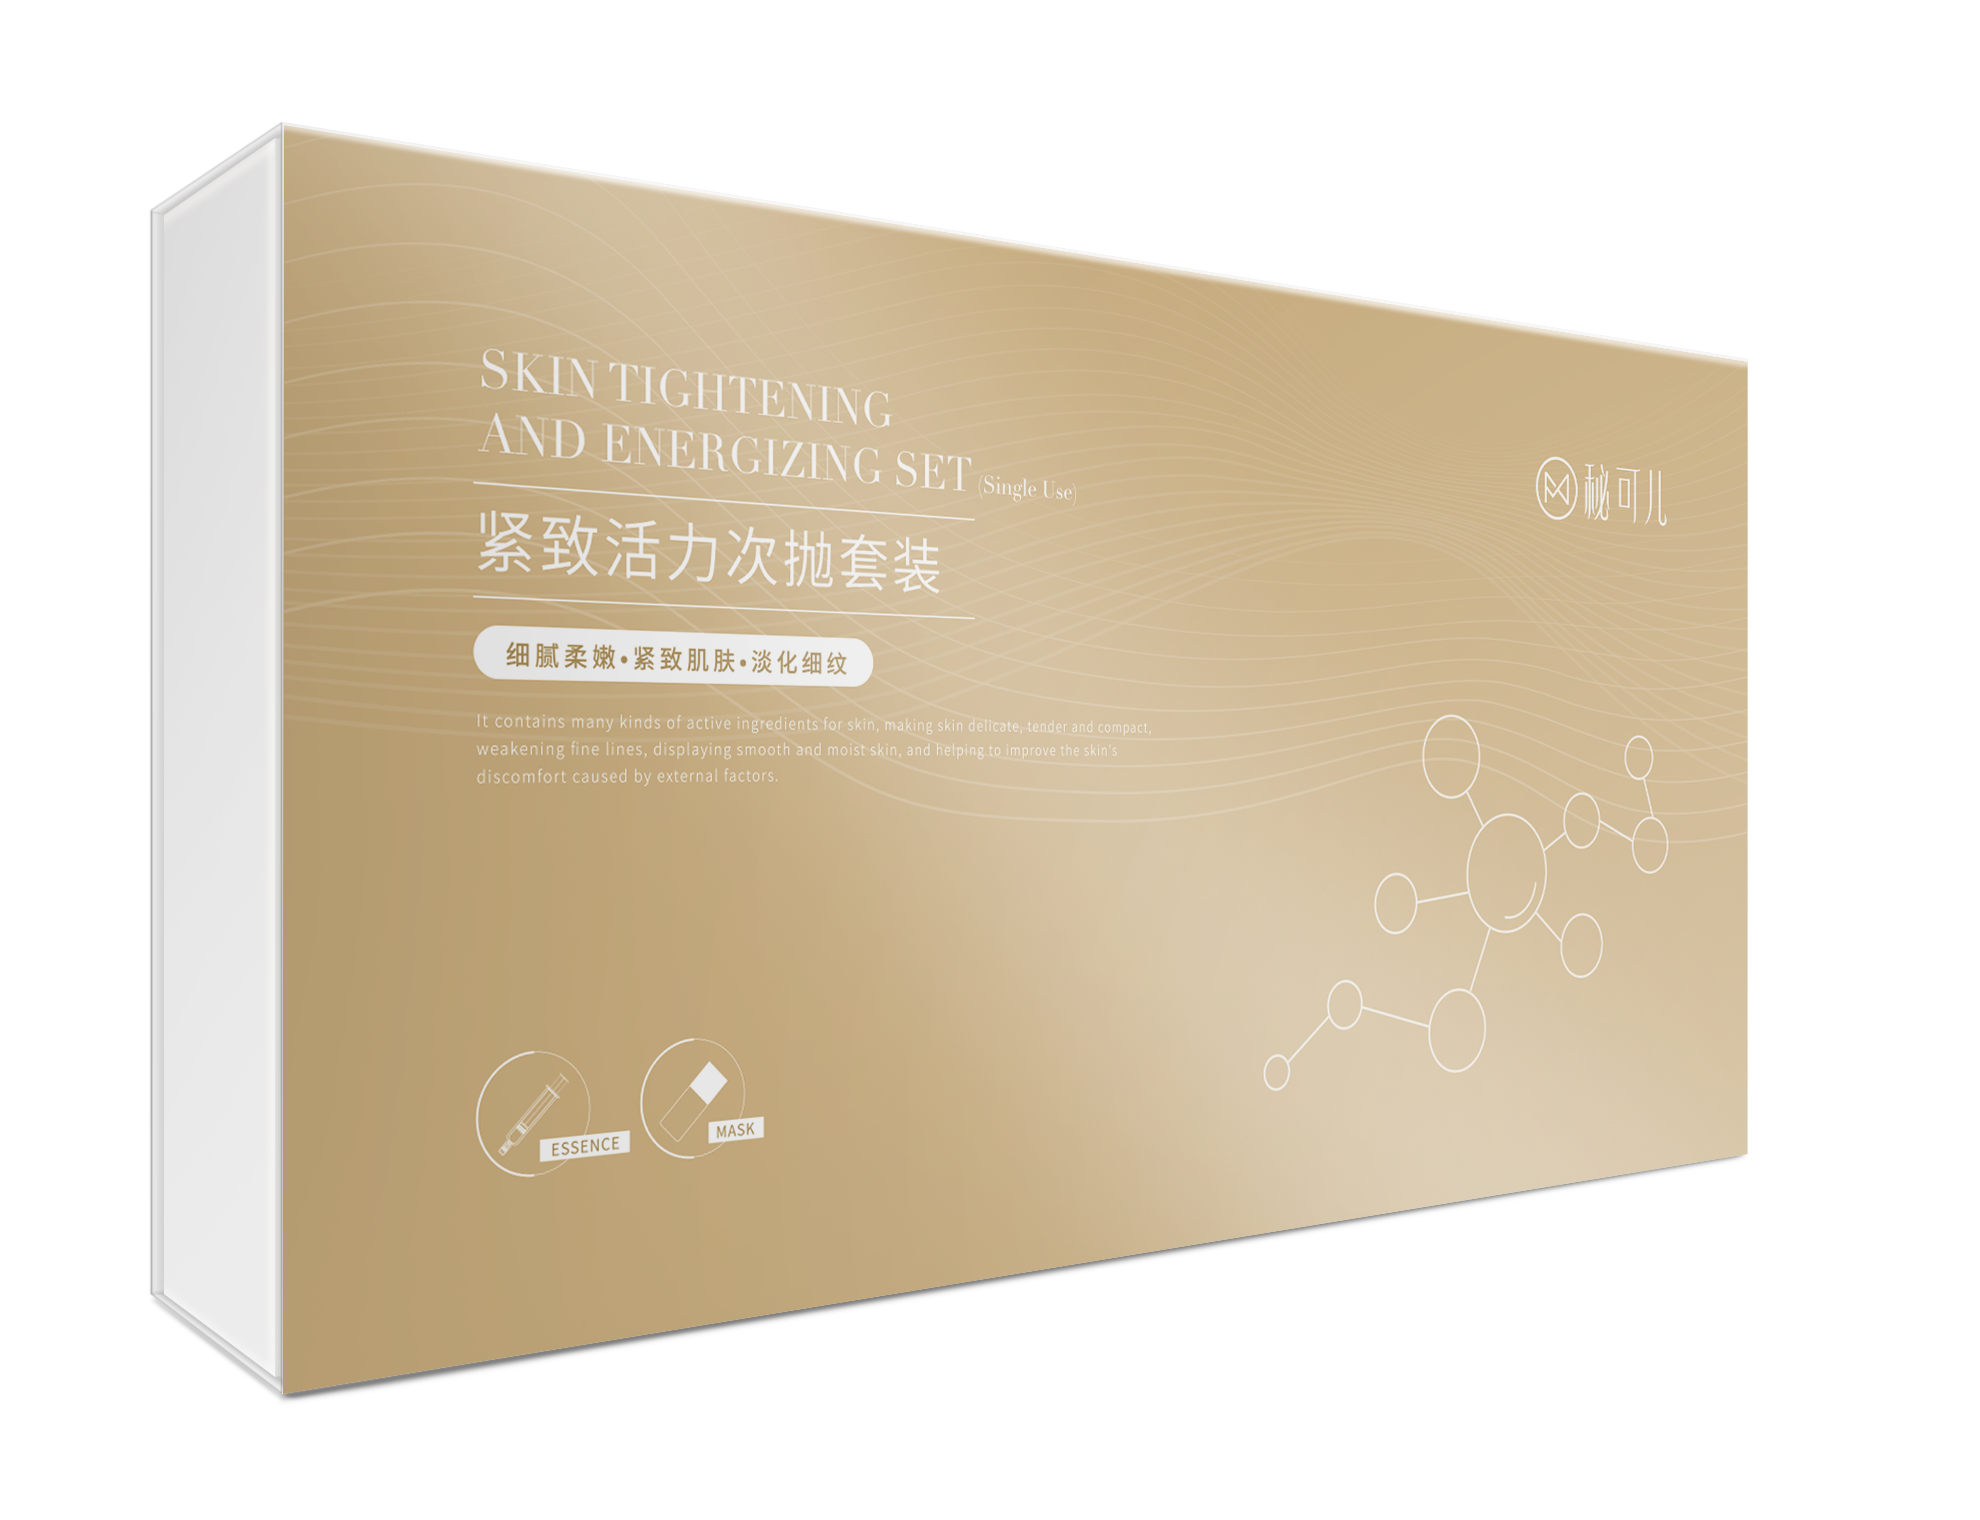 镜面皮肤管理海藻套盒